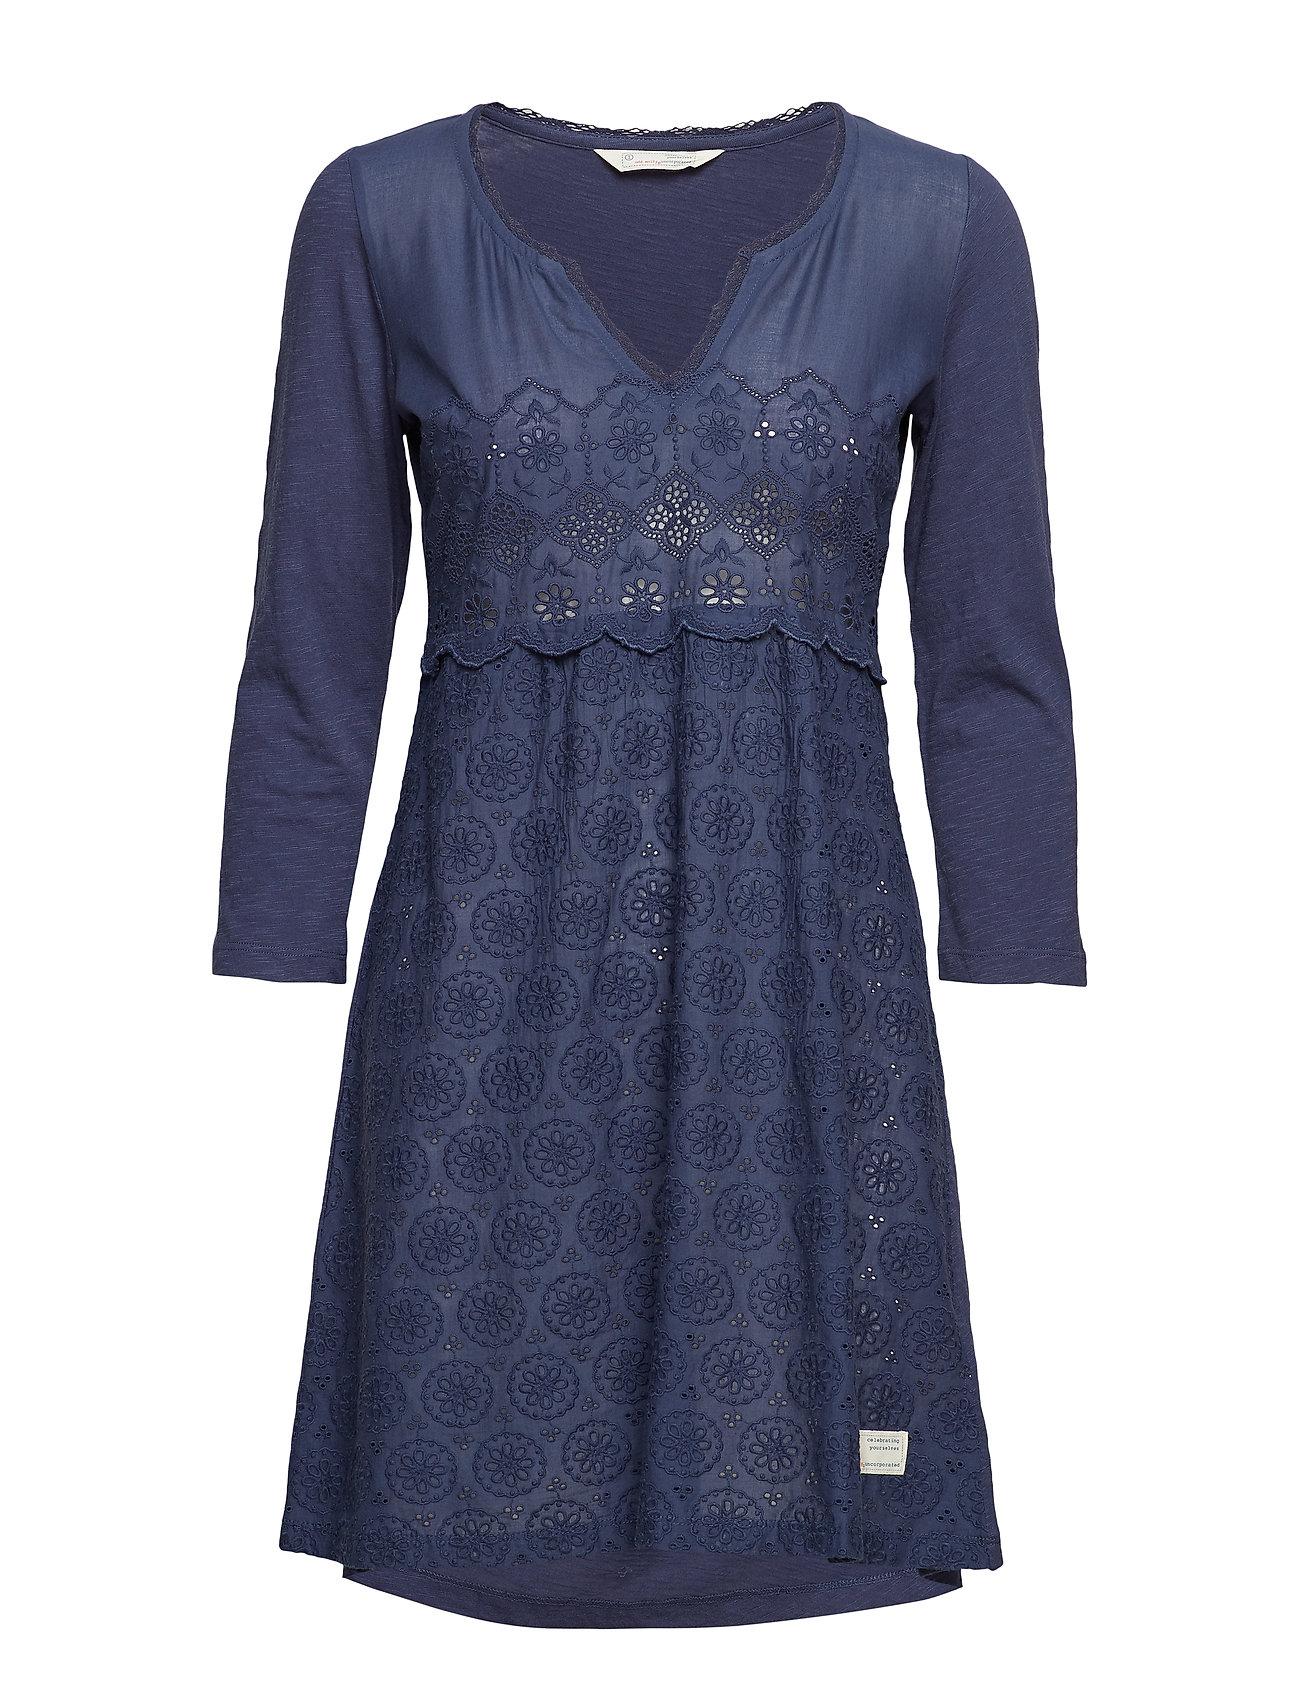 Circular Dressdark Circular BlueOdd Molly Molly Dressdark BlueOdd Dressdark Circular Molly Circular BlueOdd 6gfvIYyb7